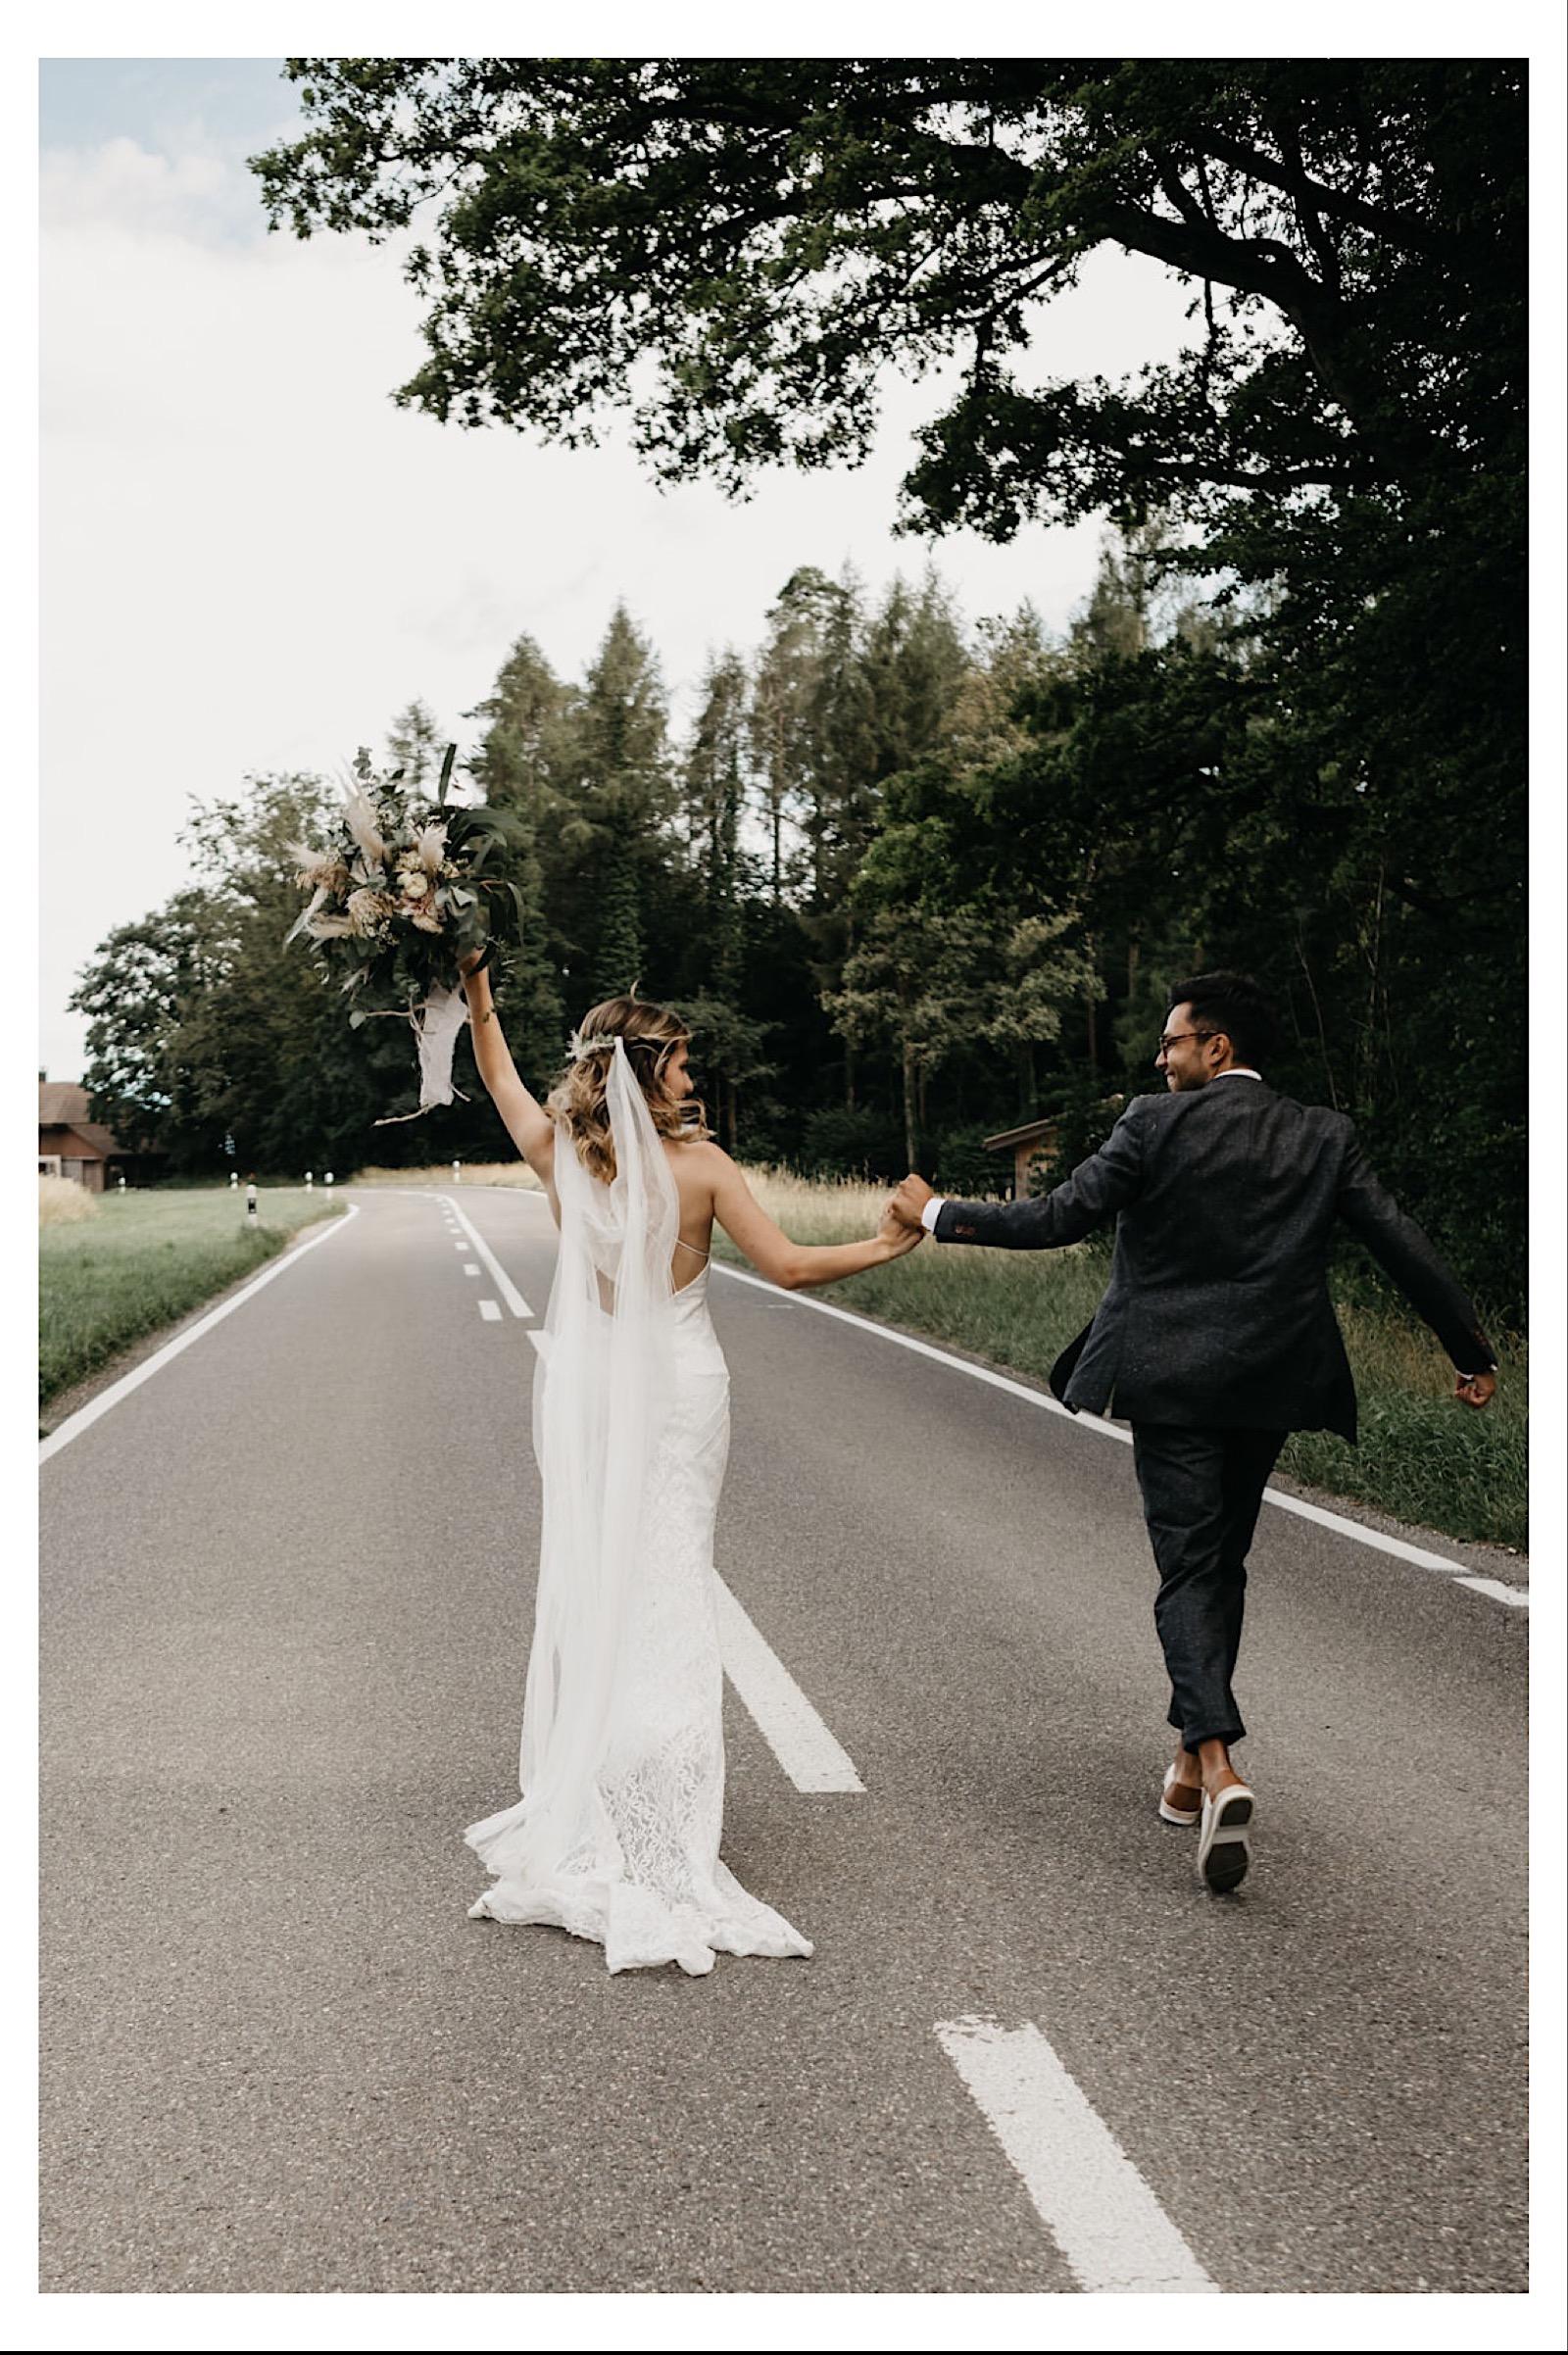 07_bohowedding_afterweddingshoot_elopement_switzerland (18 von 55).jpg